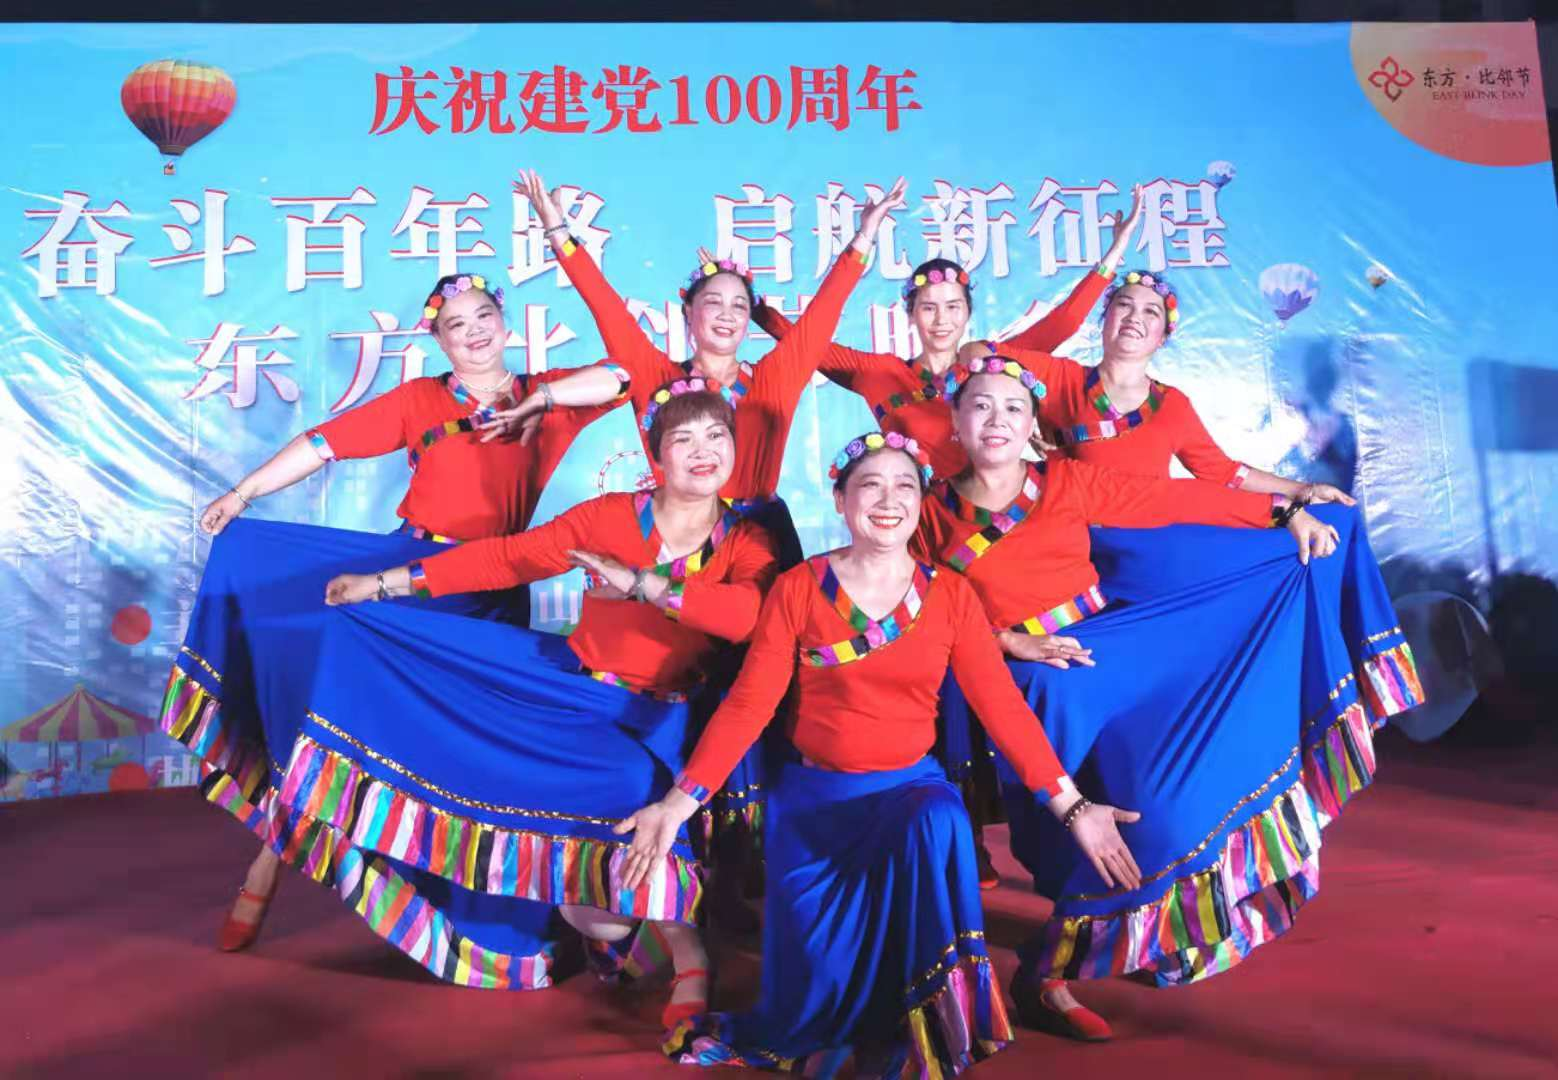 彩生活棠棣之华物业庆祝建党100周年暨东方·比邻节晚会圆满落幕